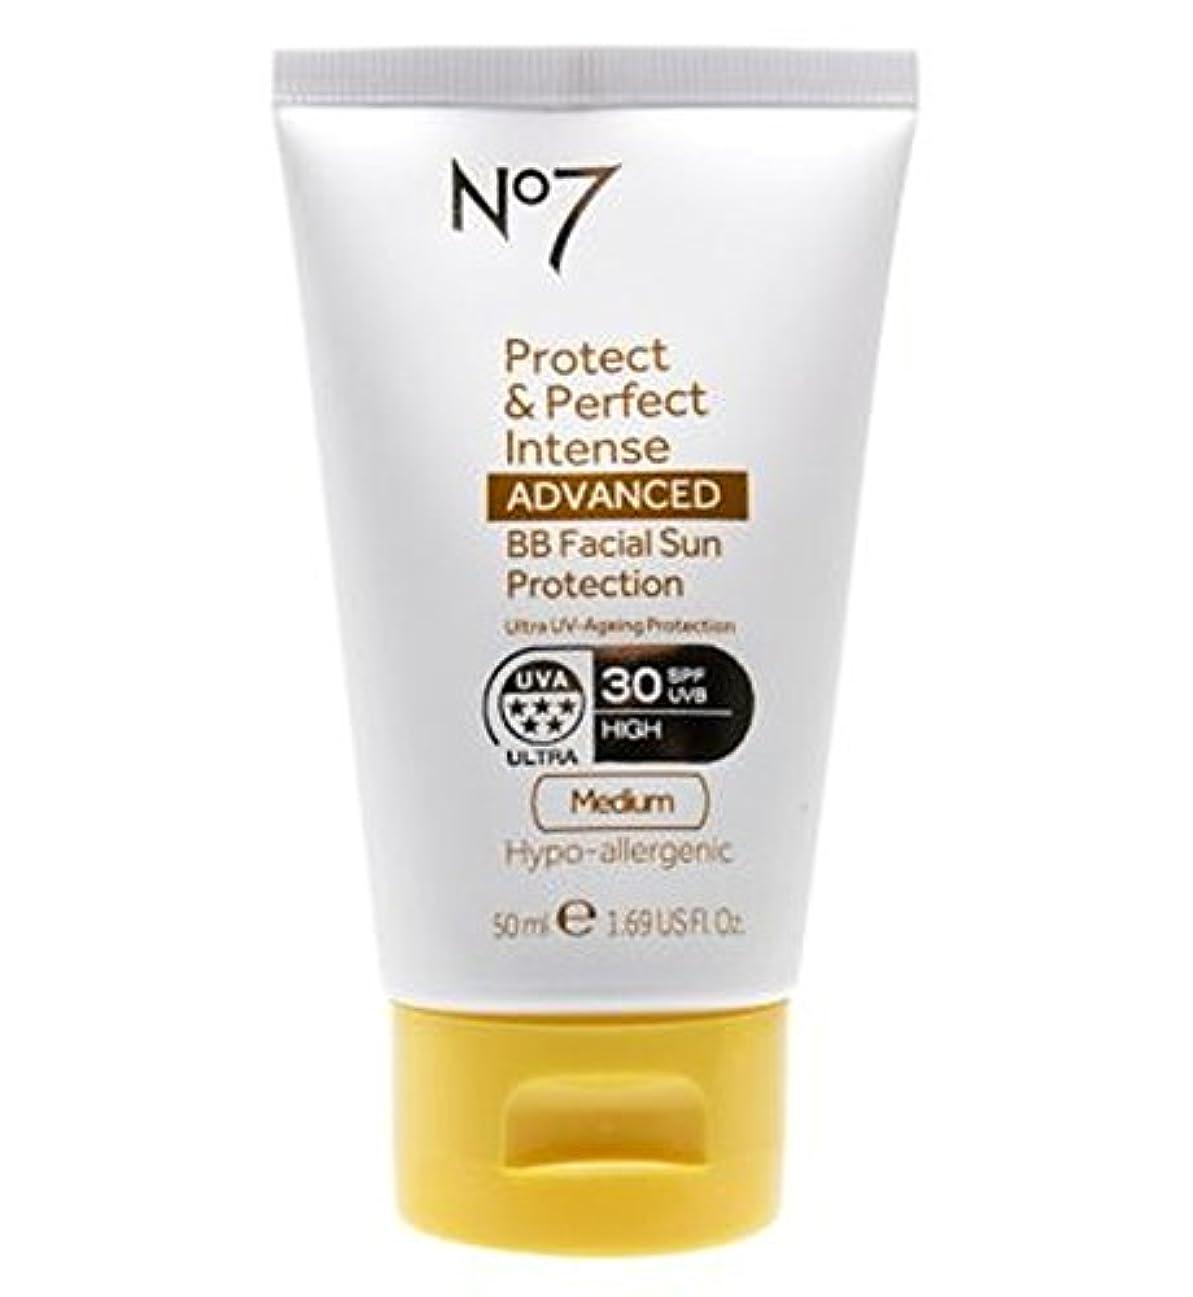 再生後方子豚No7 Protect & Perfect Intense ADVANCED BB Facial Sun Protection SPF30 Medium 50ml - No7保護&完璧な強烈な先進Bb顔の日焼け防止Spf30...